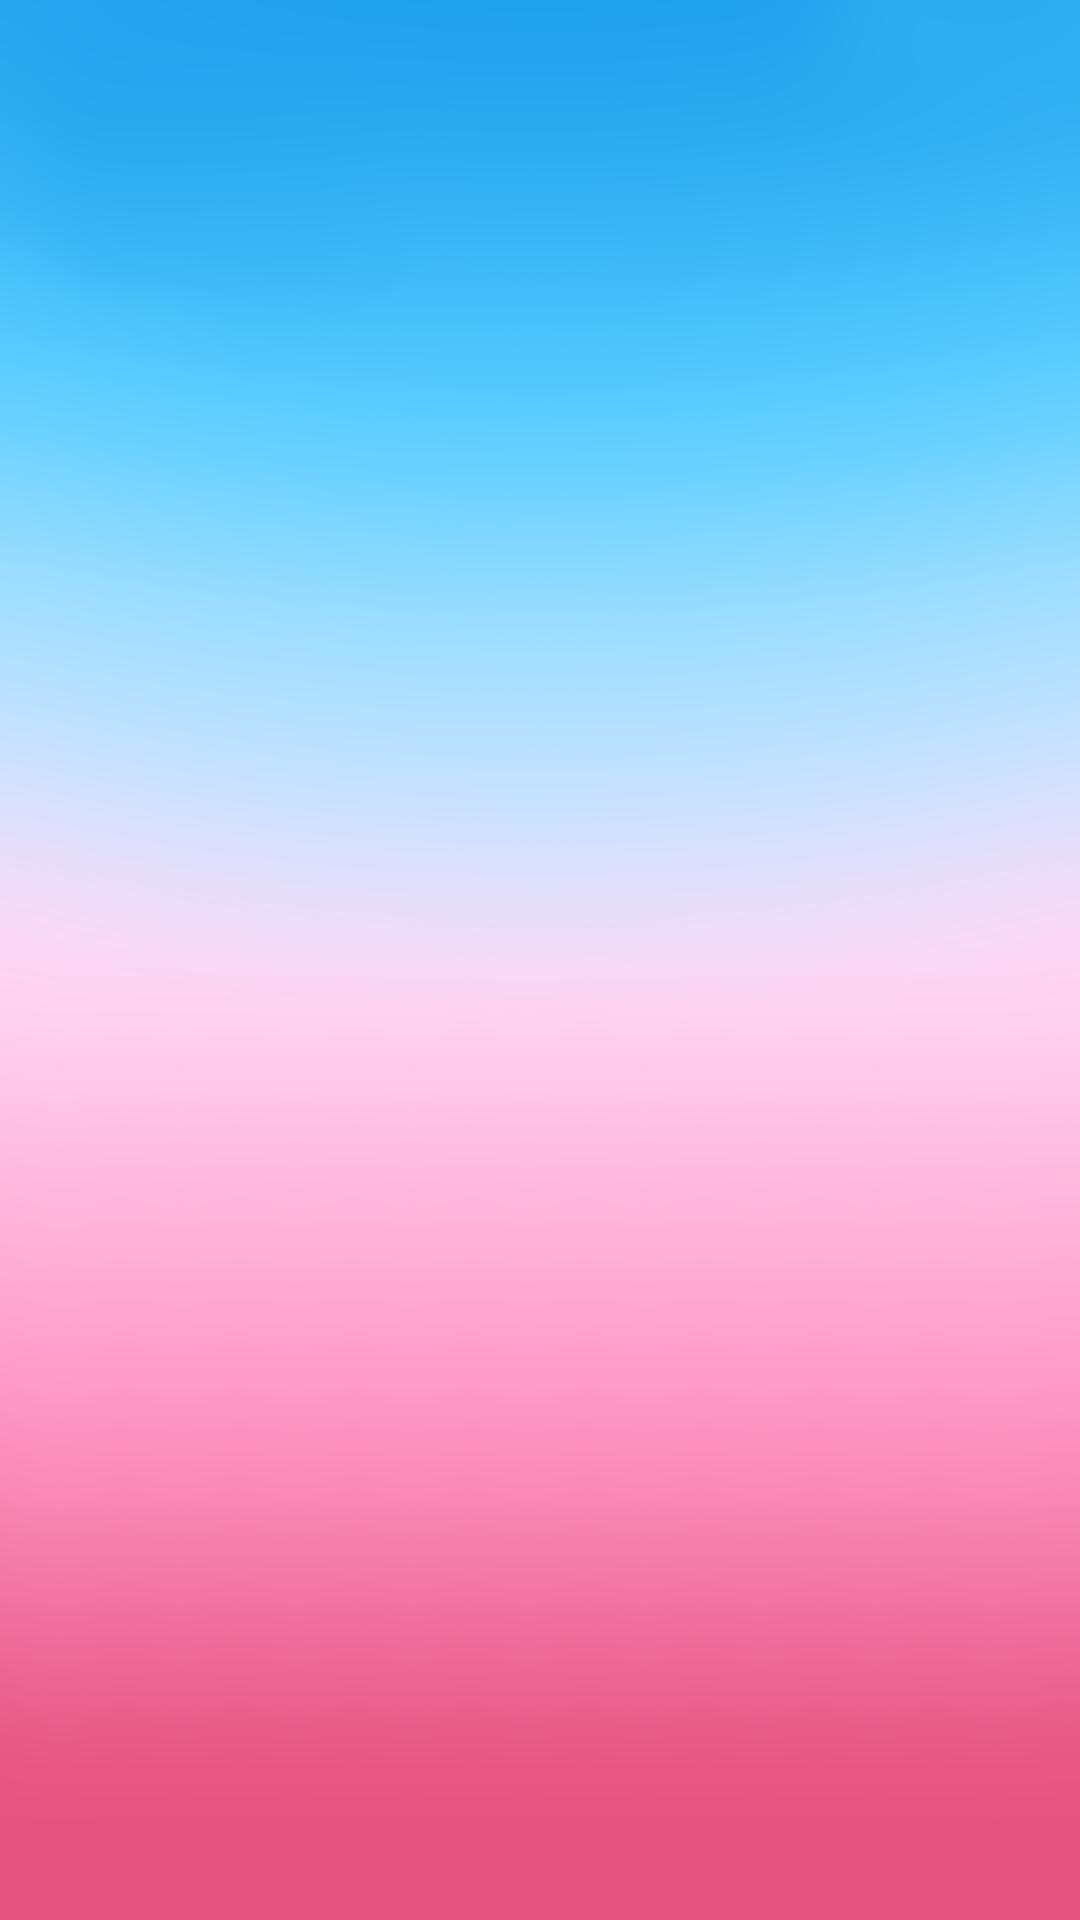 miui9_ringchart